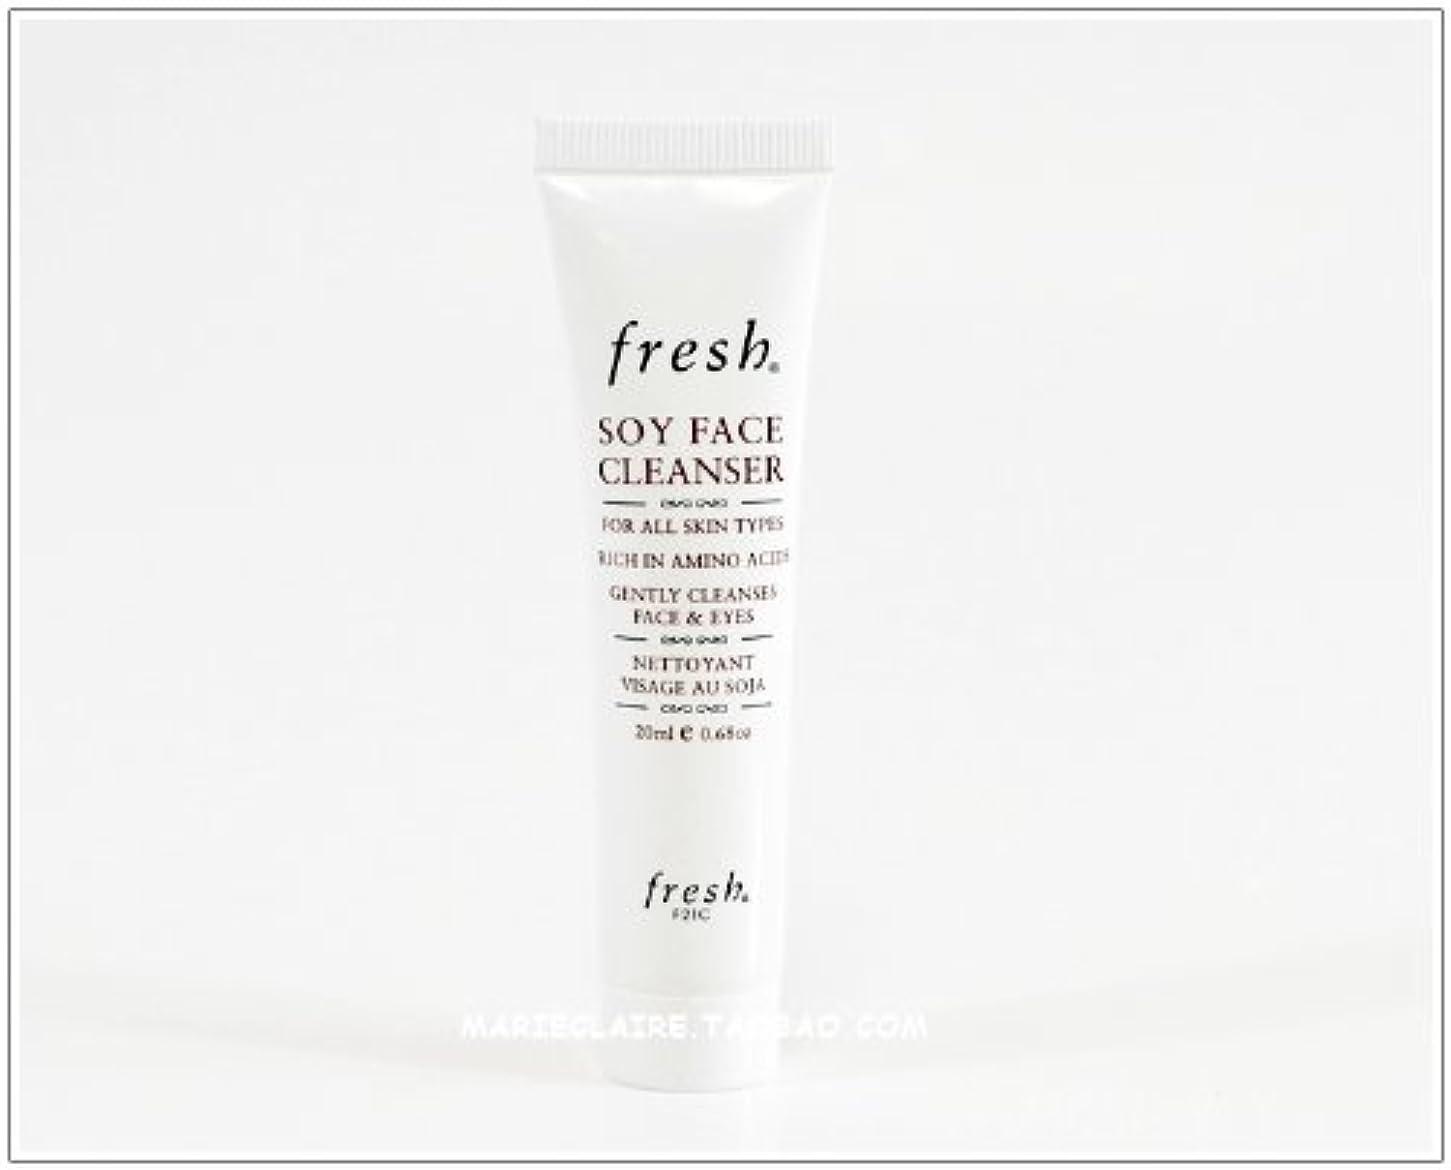 オート仮定意志Fresh SOY FACE CLEANSER (フレッシュ ソイ フェイス クレンザー) 0.6 oz (20ml) トラベルサイズ by Fresh for Women